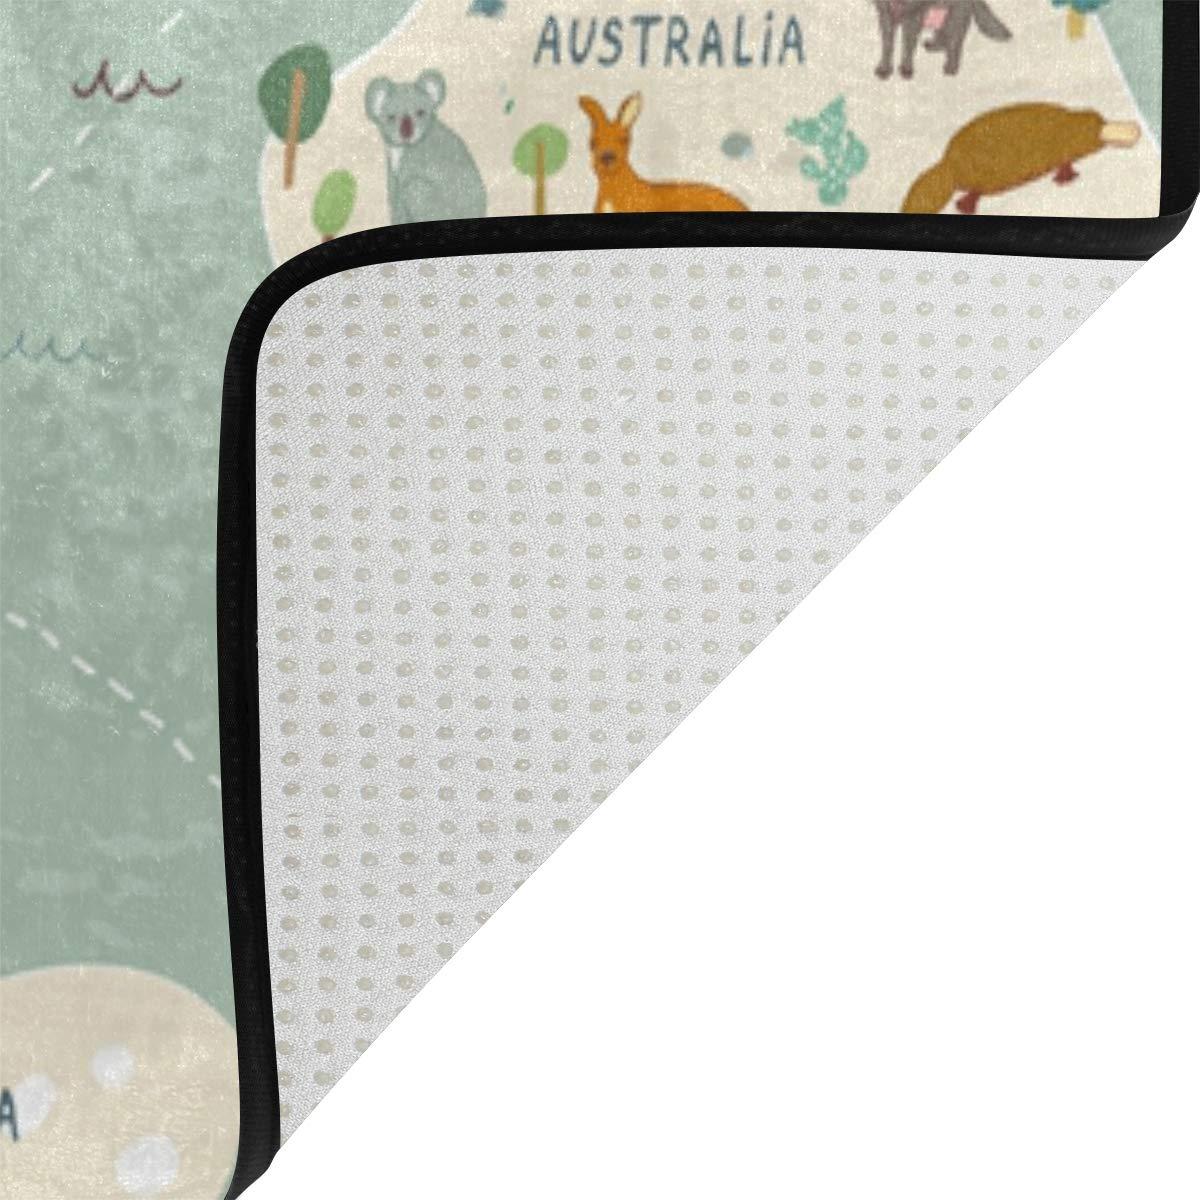 Redecor Teppich Kinderzimmer Wohnzimmerteppich Schlafzimmer K/üche Rutschfest 160x120 cm Weltkarte Tiere